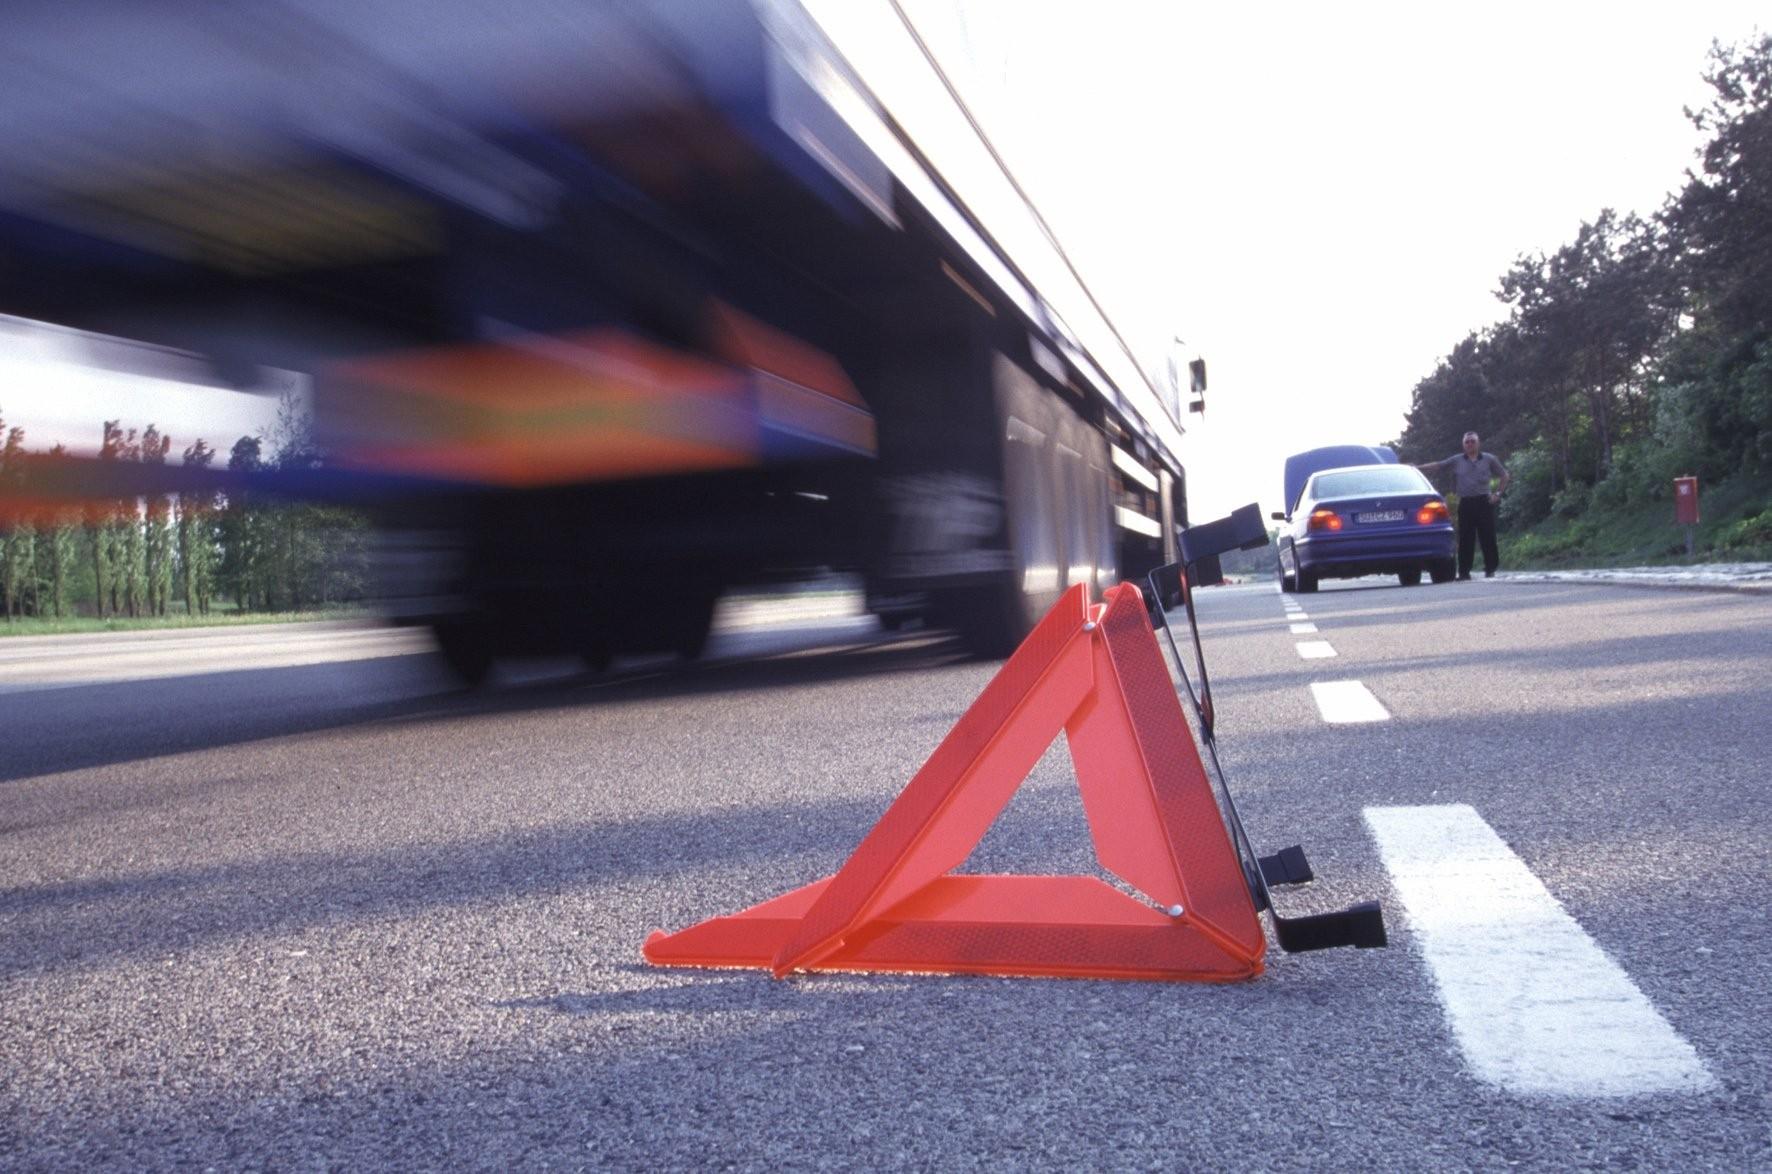 ДТП вНовосибирске: фургон врезался вполицейский «УАЗ» инасмерть сбил женщину